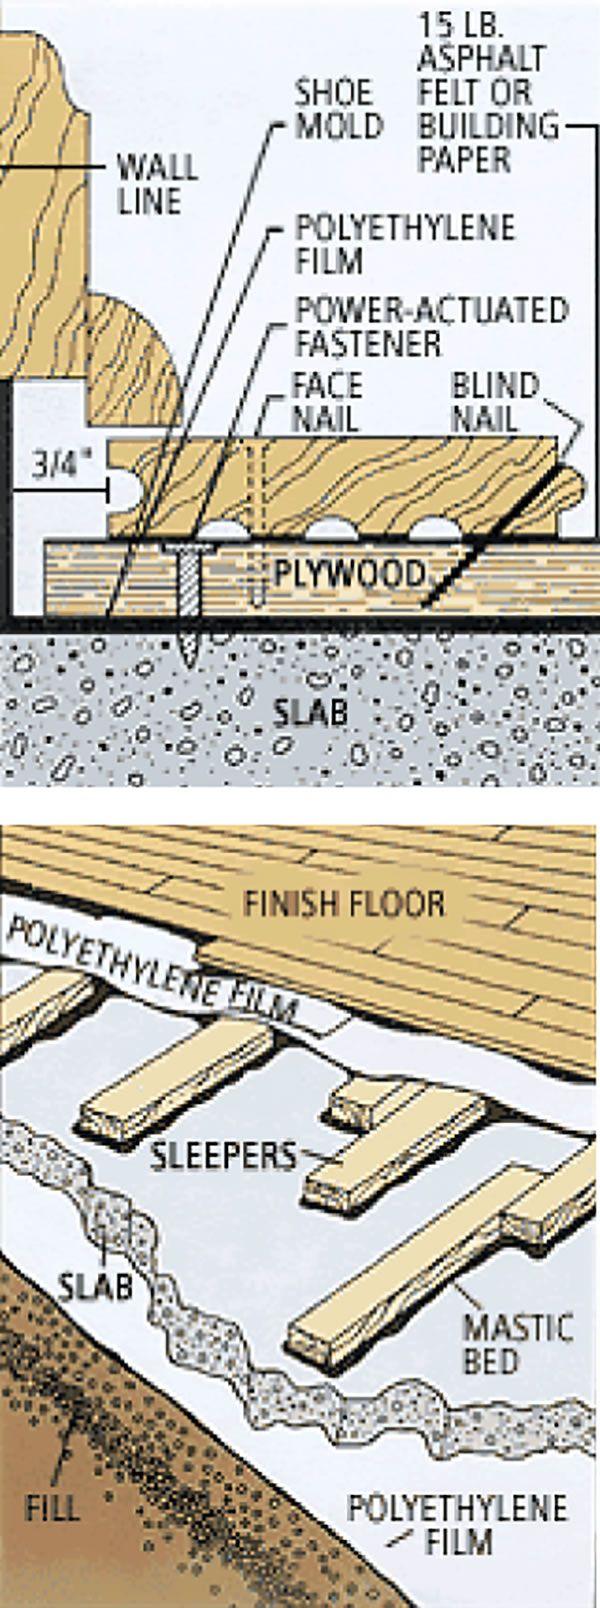 Installing A Hardwood Floor Over A Concrete Slab America Hardwood Information Center Diy Wood Floors Installing Hardwood Floors Wood Floor Installation